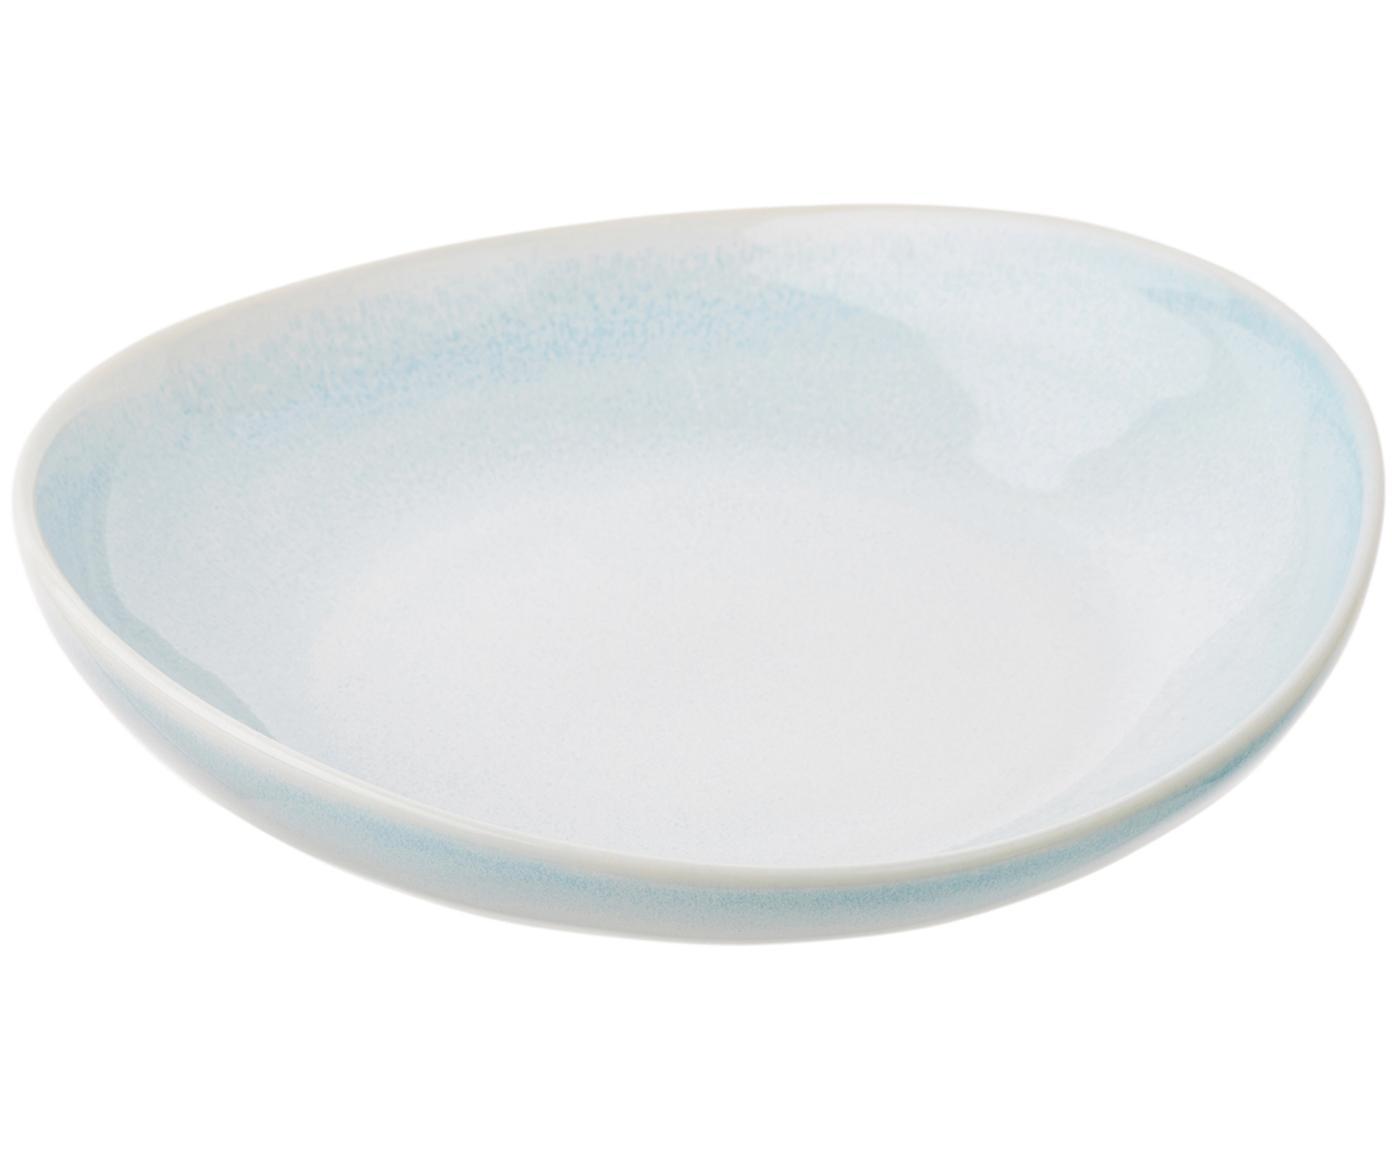 Handgemachte Suppenteller Amalia mit effektvoller Glasur, 2 Stück, Porzellan, Hellblau, Cremeweiss, Ø 20 cm